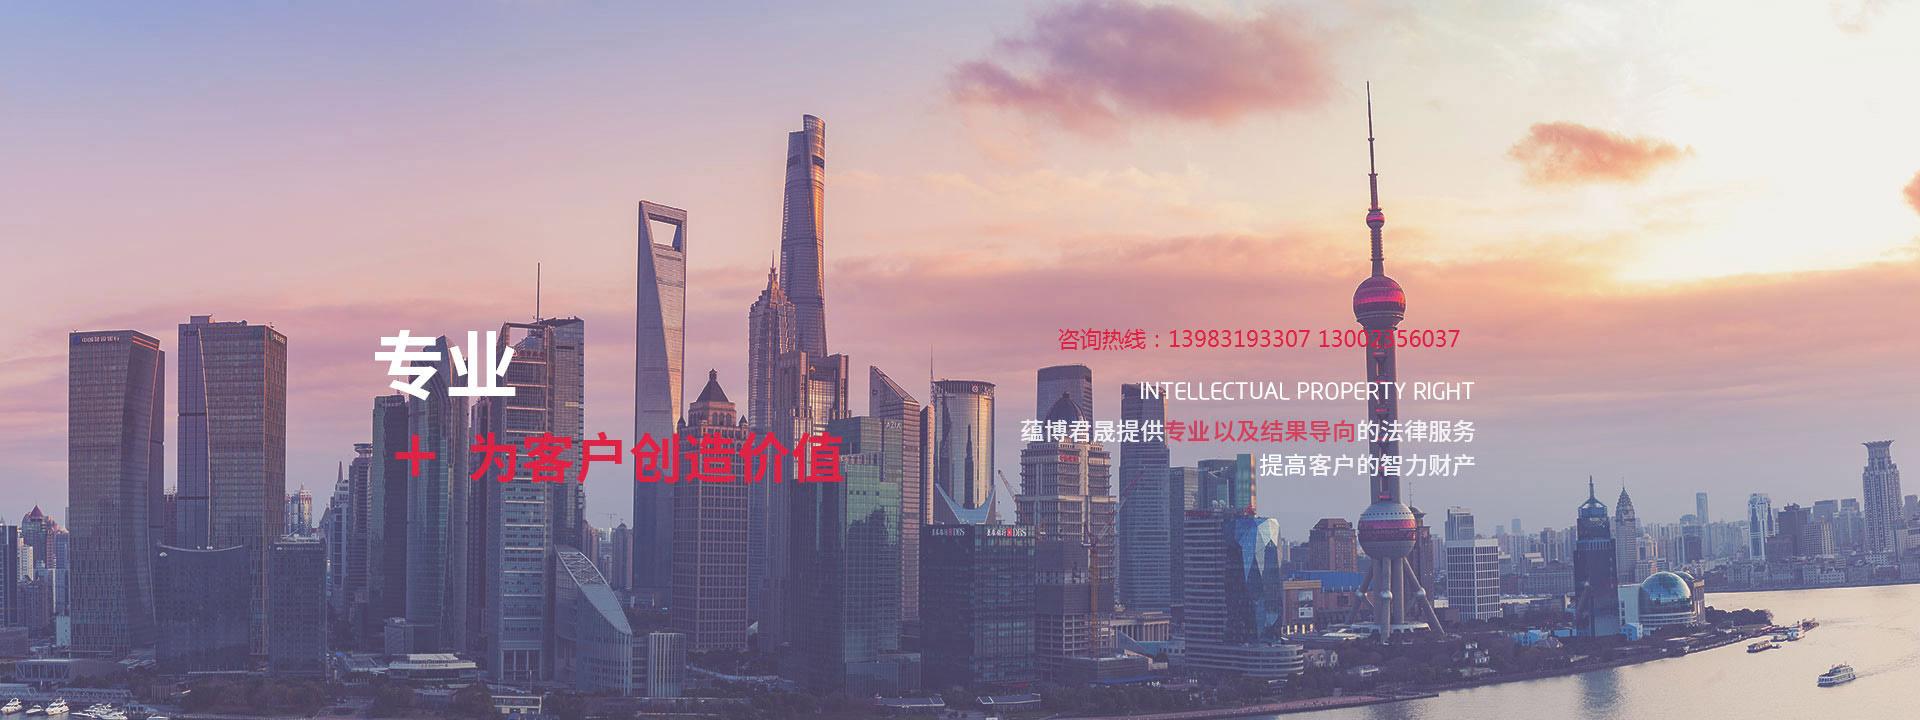 重庆专利代理